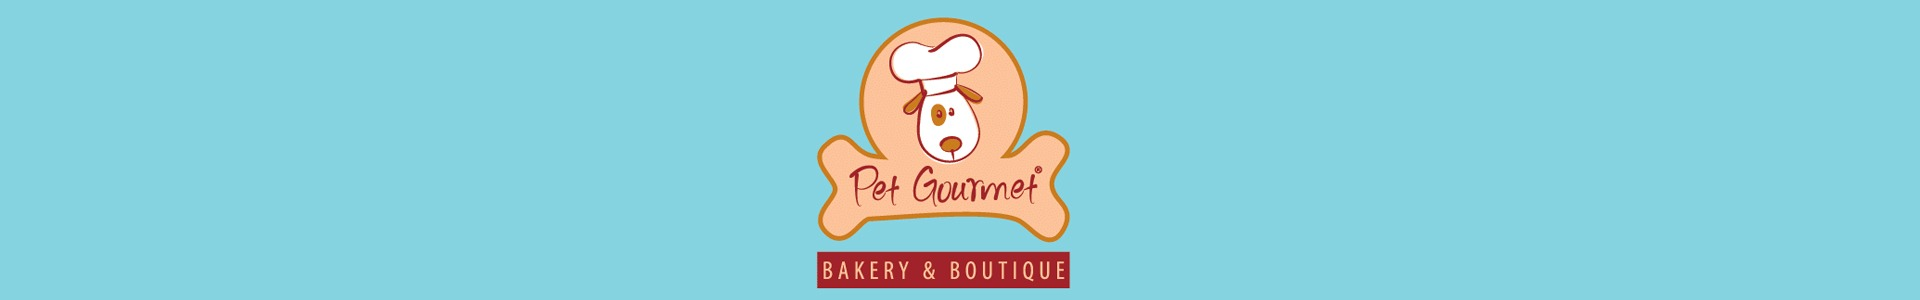 Pet-Gourmet